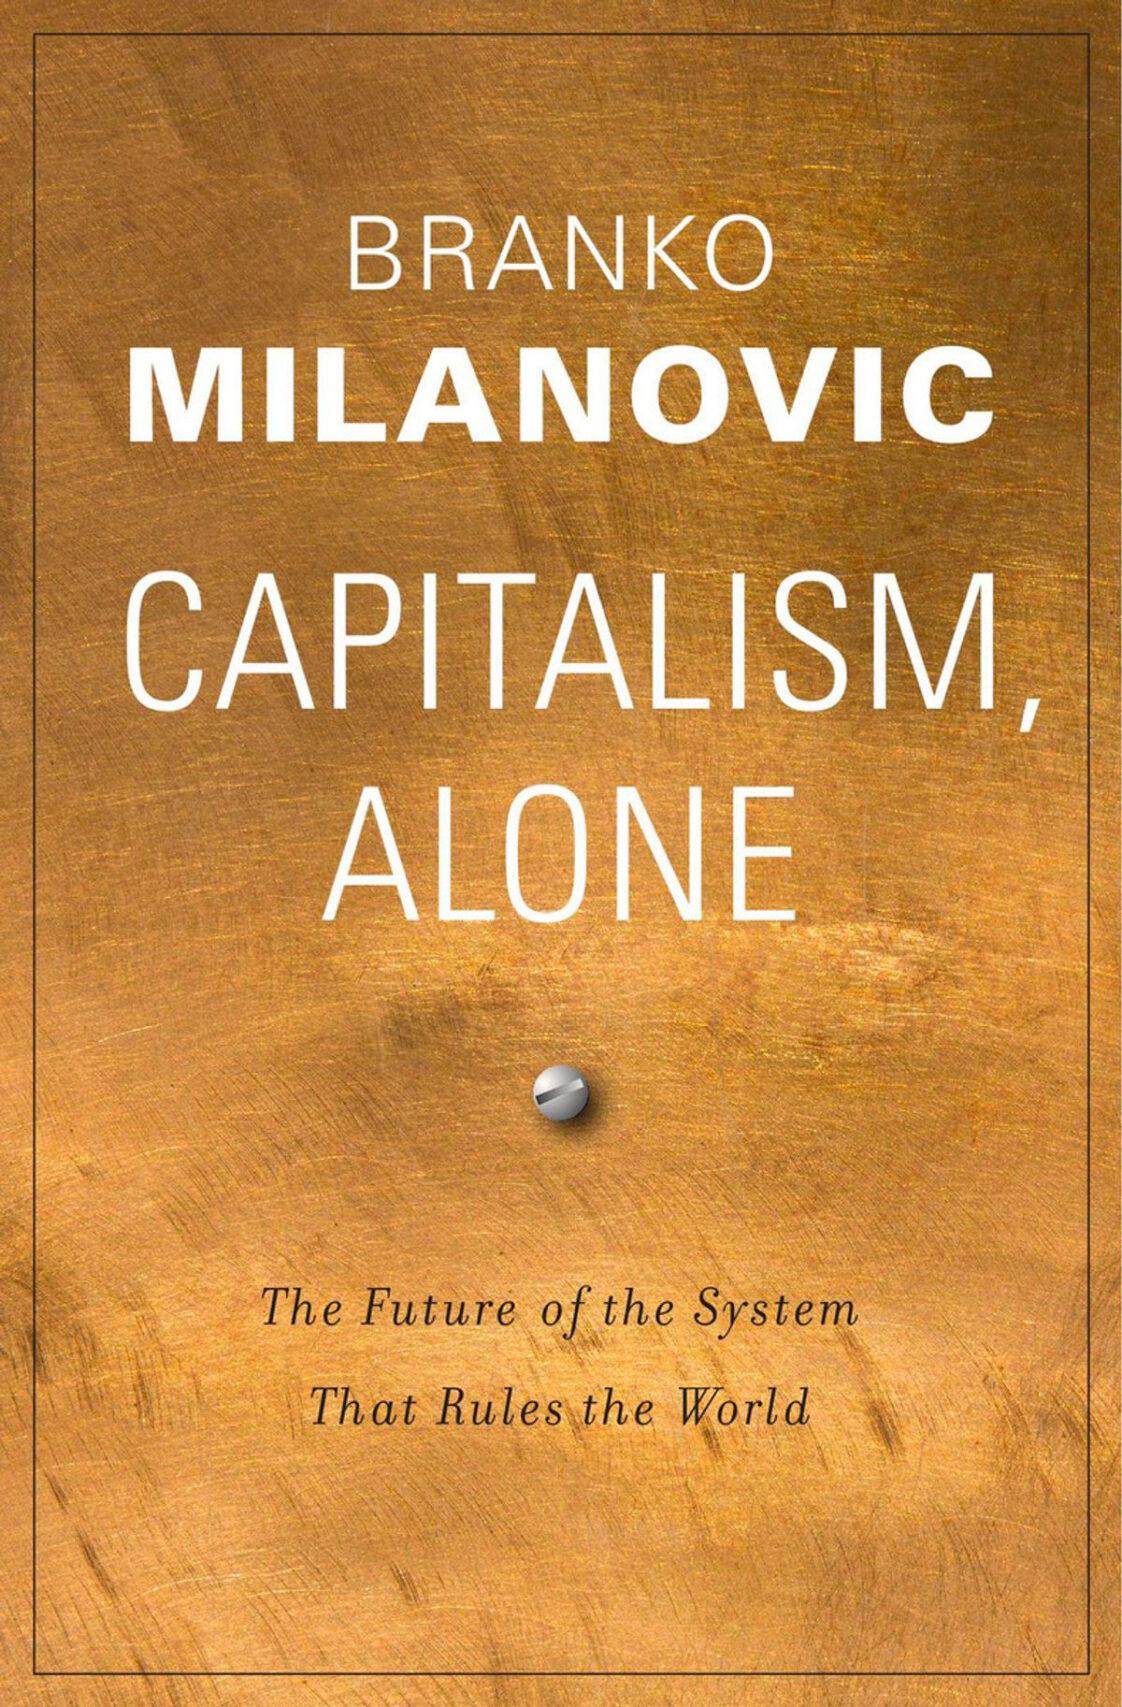 Capitalism, Alone by Branko Milanovic